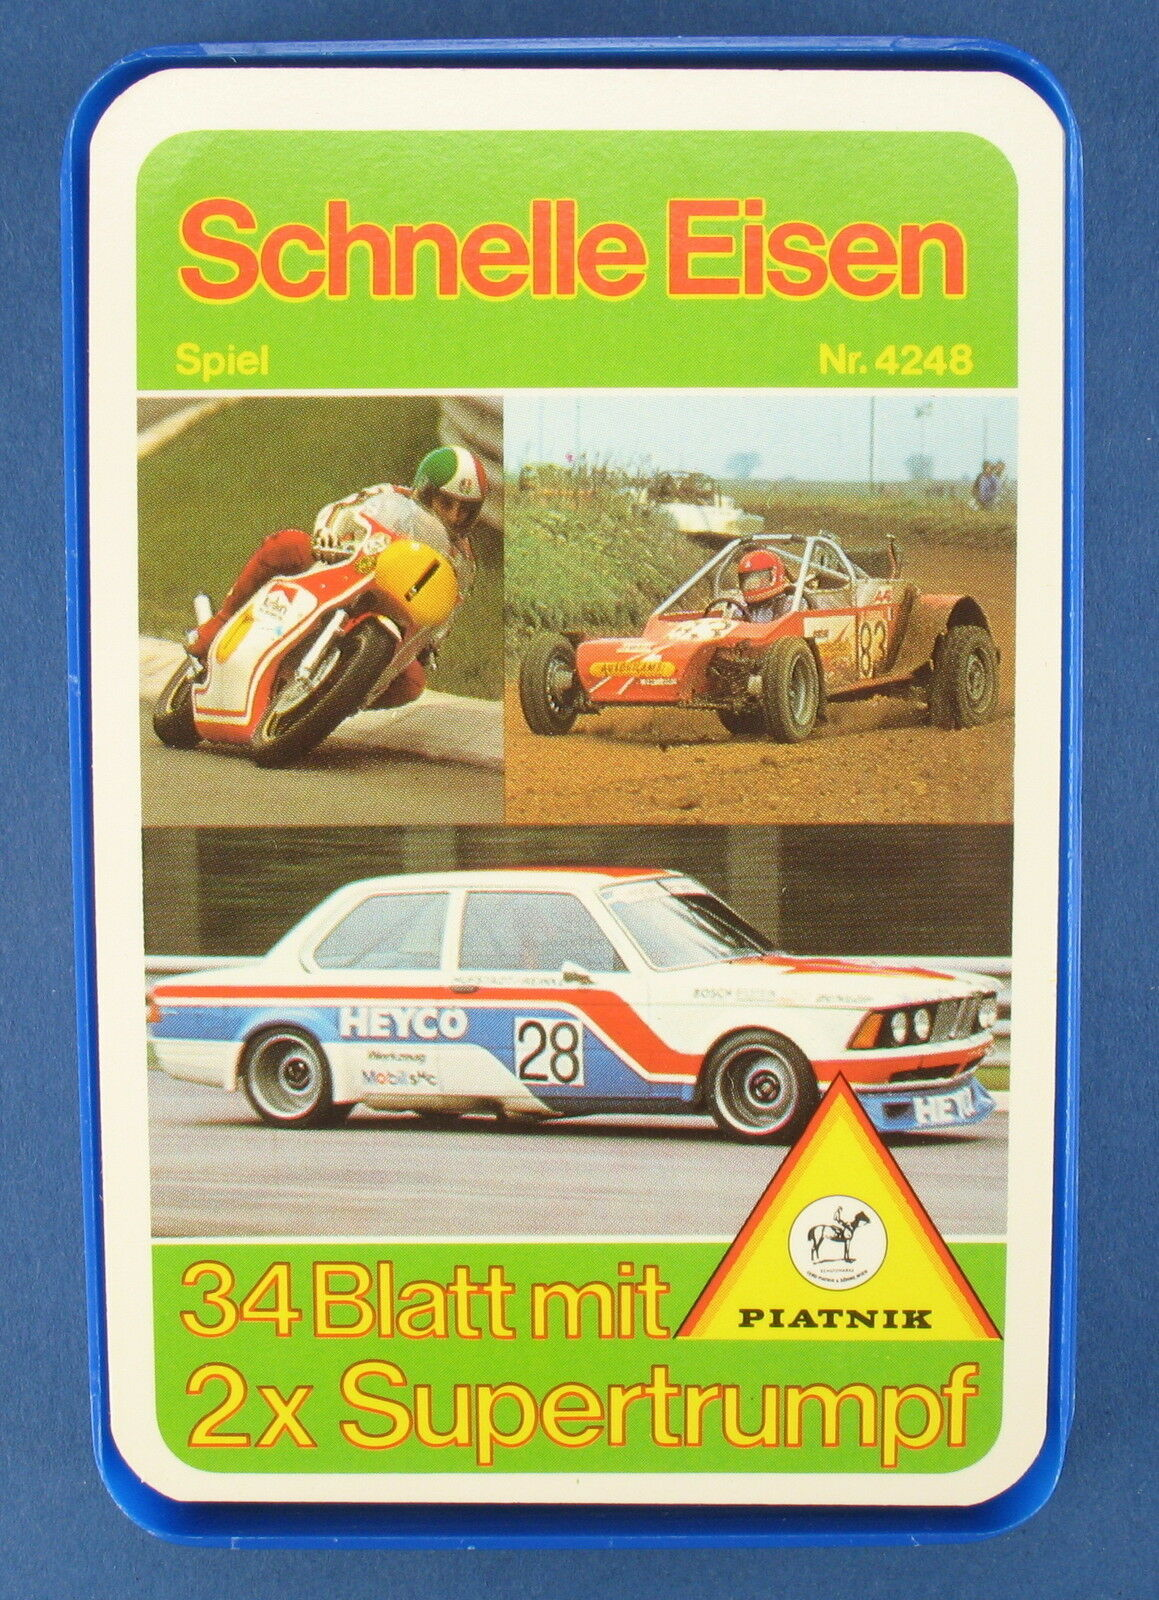 Quartett - Schnelle Eisen + 2x Supertrumpf - Piatnik - Nr. 4248 - Kartenspiel